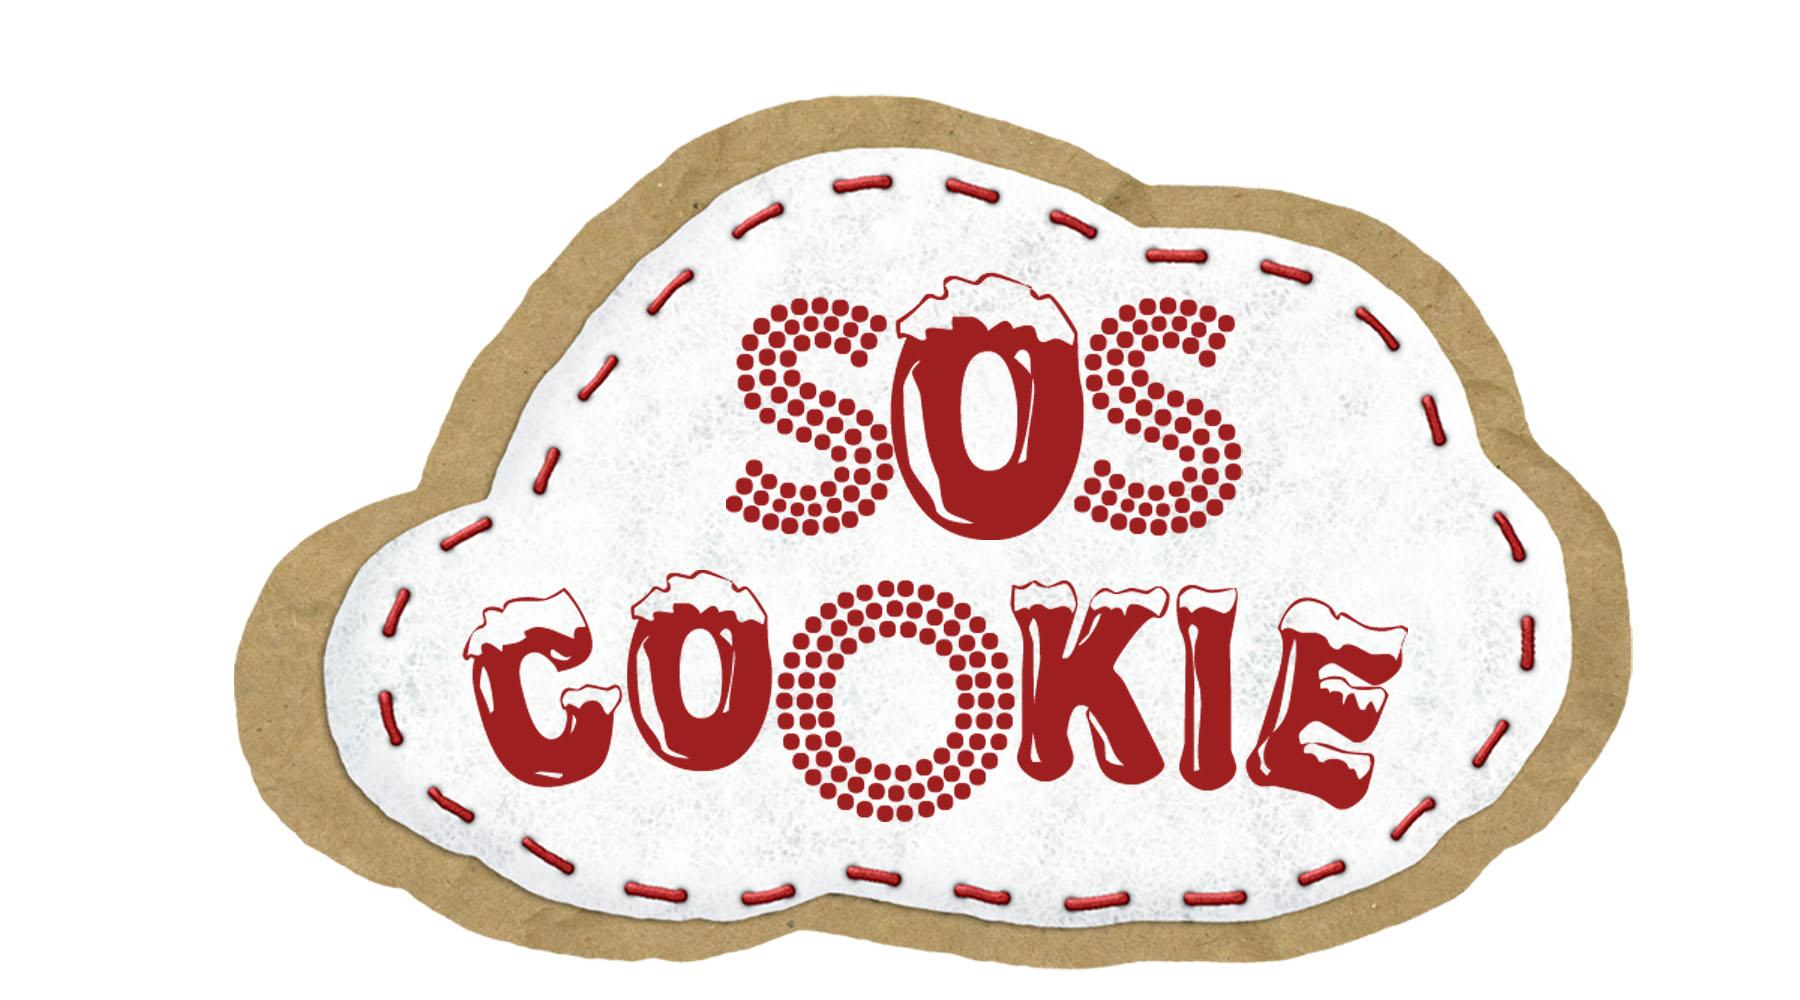 Hervorragend Recette - Gourmandises de Noël* - SOS Cookies | Une Graine d'Idée PW92